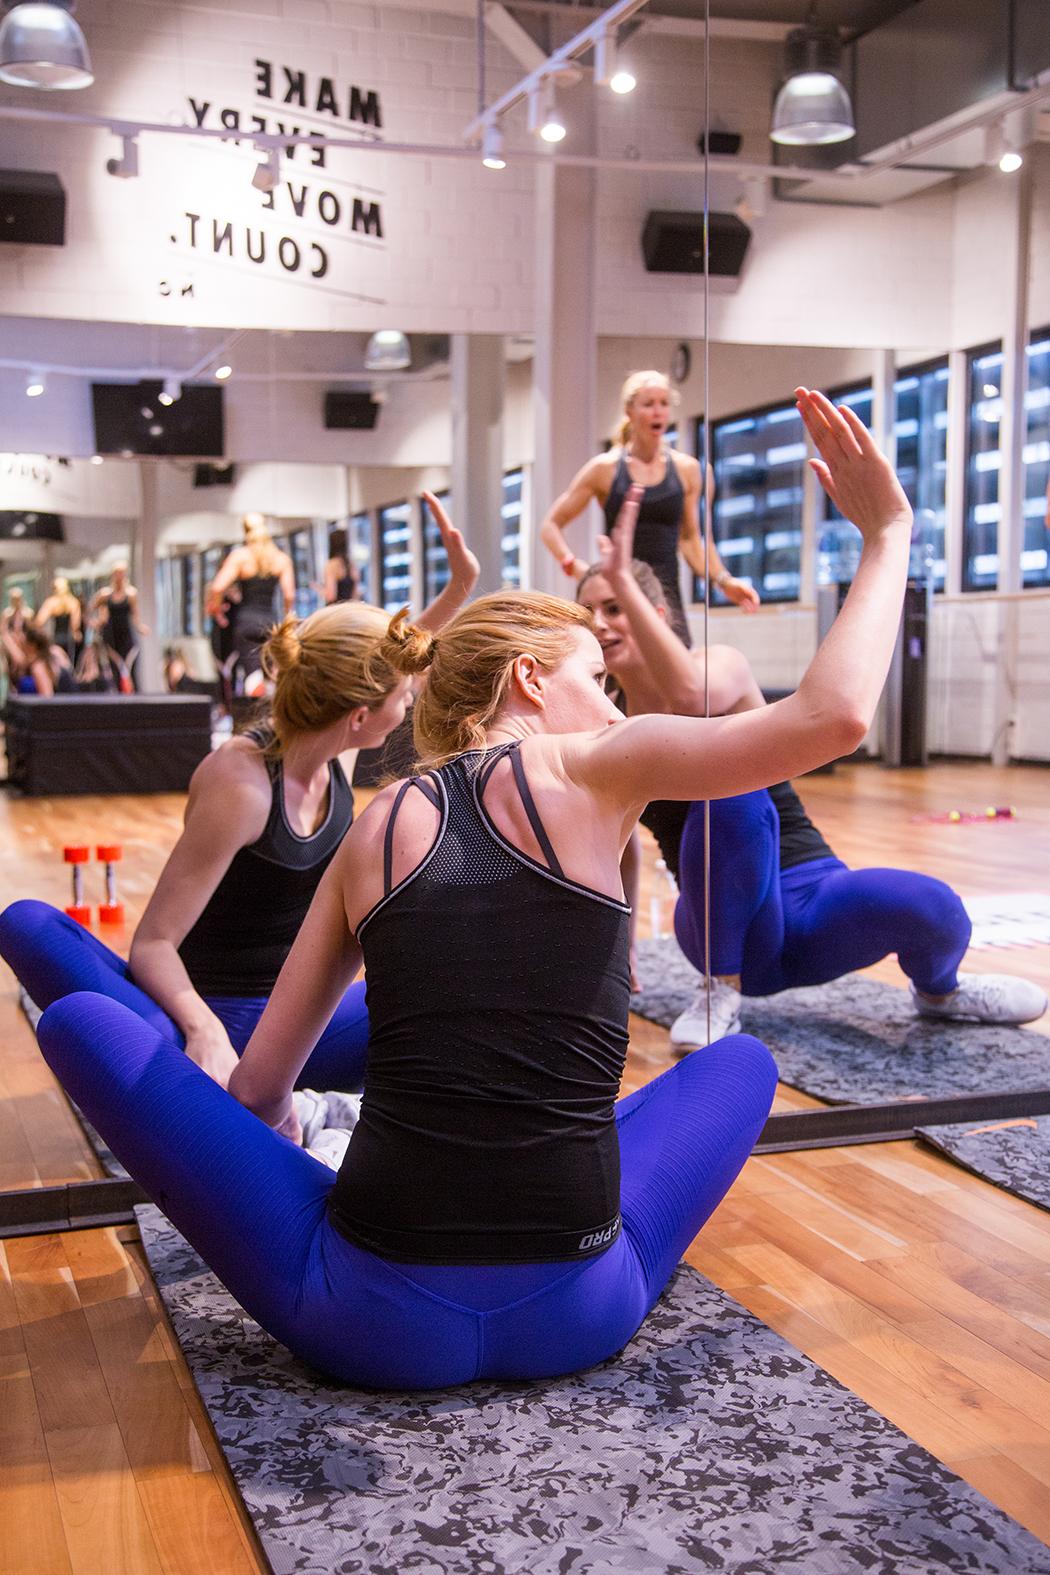 Fitnessblog-Fitnessblogger-Fitness-Blog-Blogger-Muenchen-Berlin-Deutschland-Alex_Hipwell-Trainer-HIT-Workout-NTC-Lindarella-2